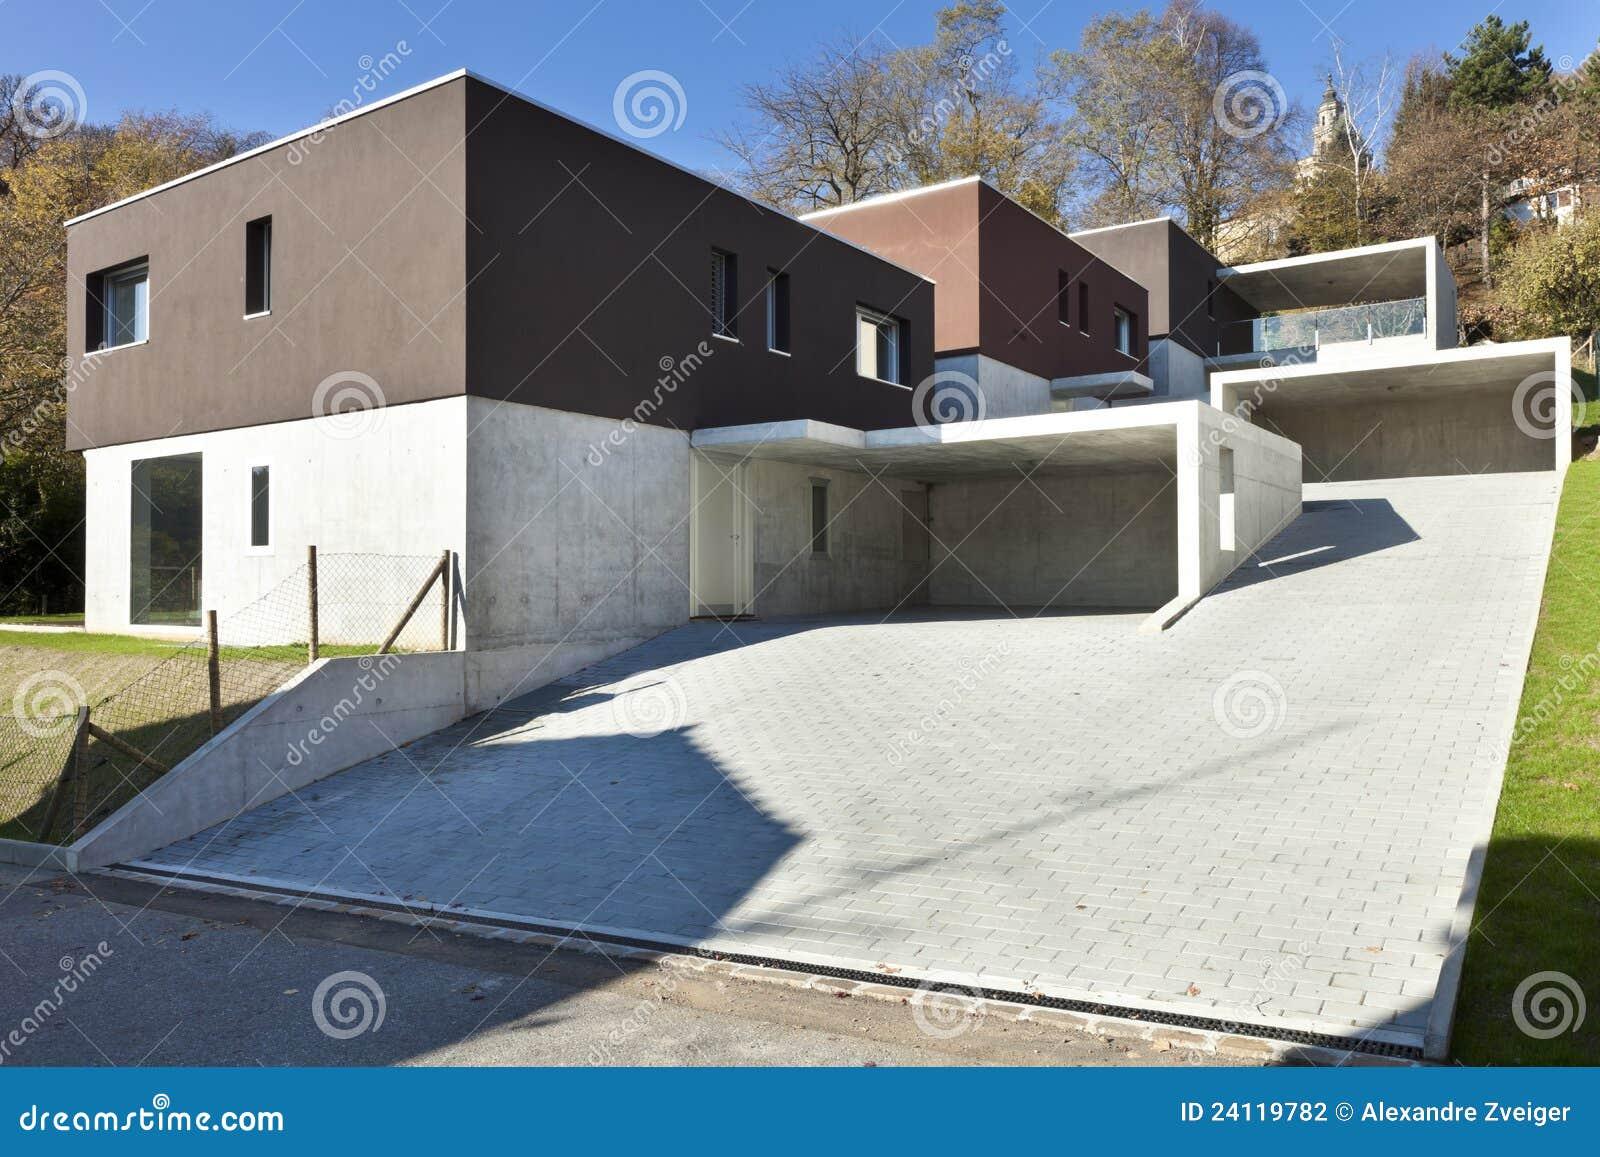 Case moderne esterne fotografia stock immagine di giorno for Immagini case moderne